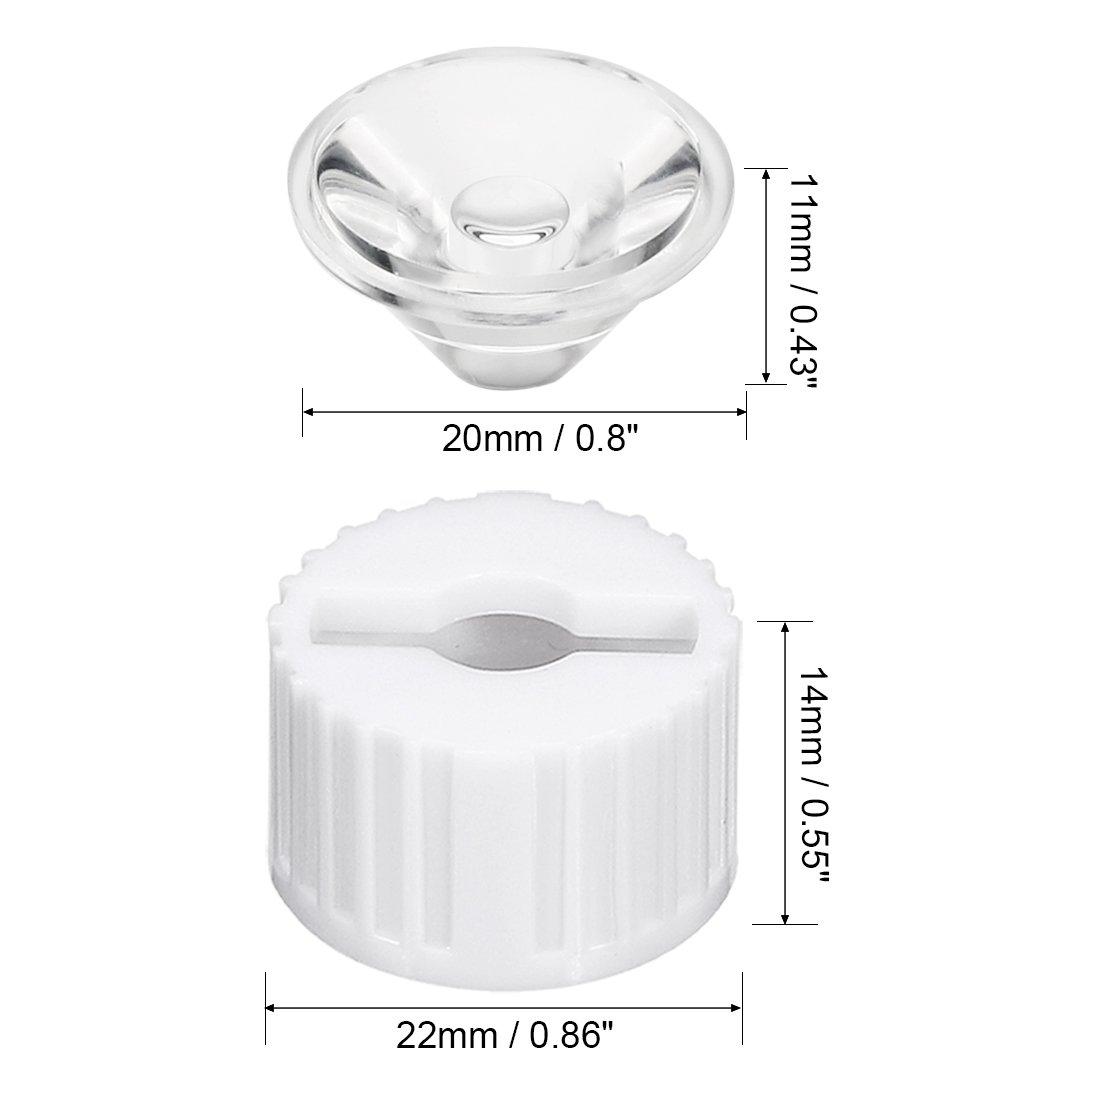 10 pcs 20mm LED Lens 45 Degree with Black Holder for 1W 3W High Power LED Light